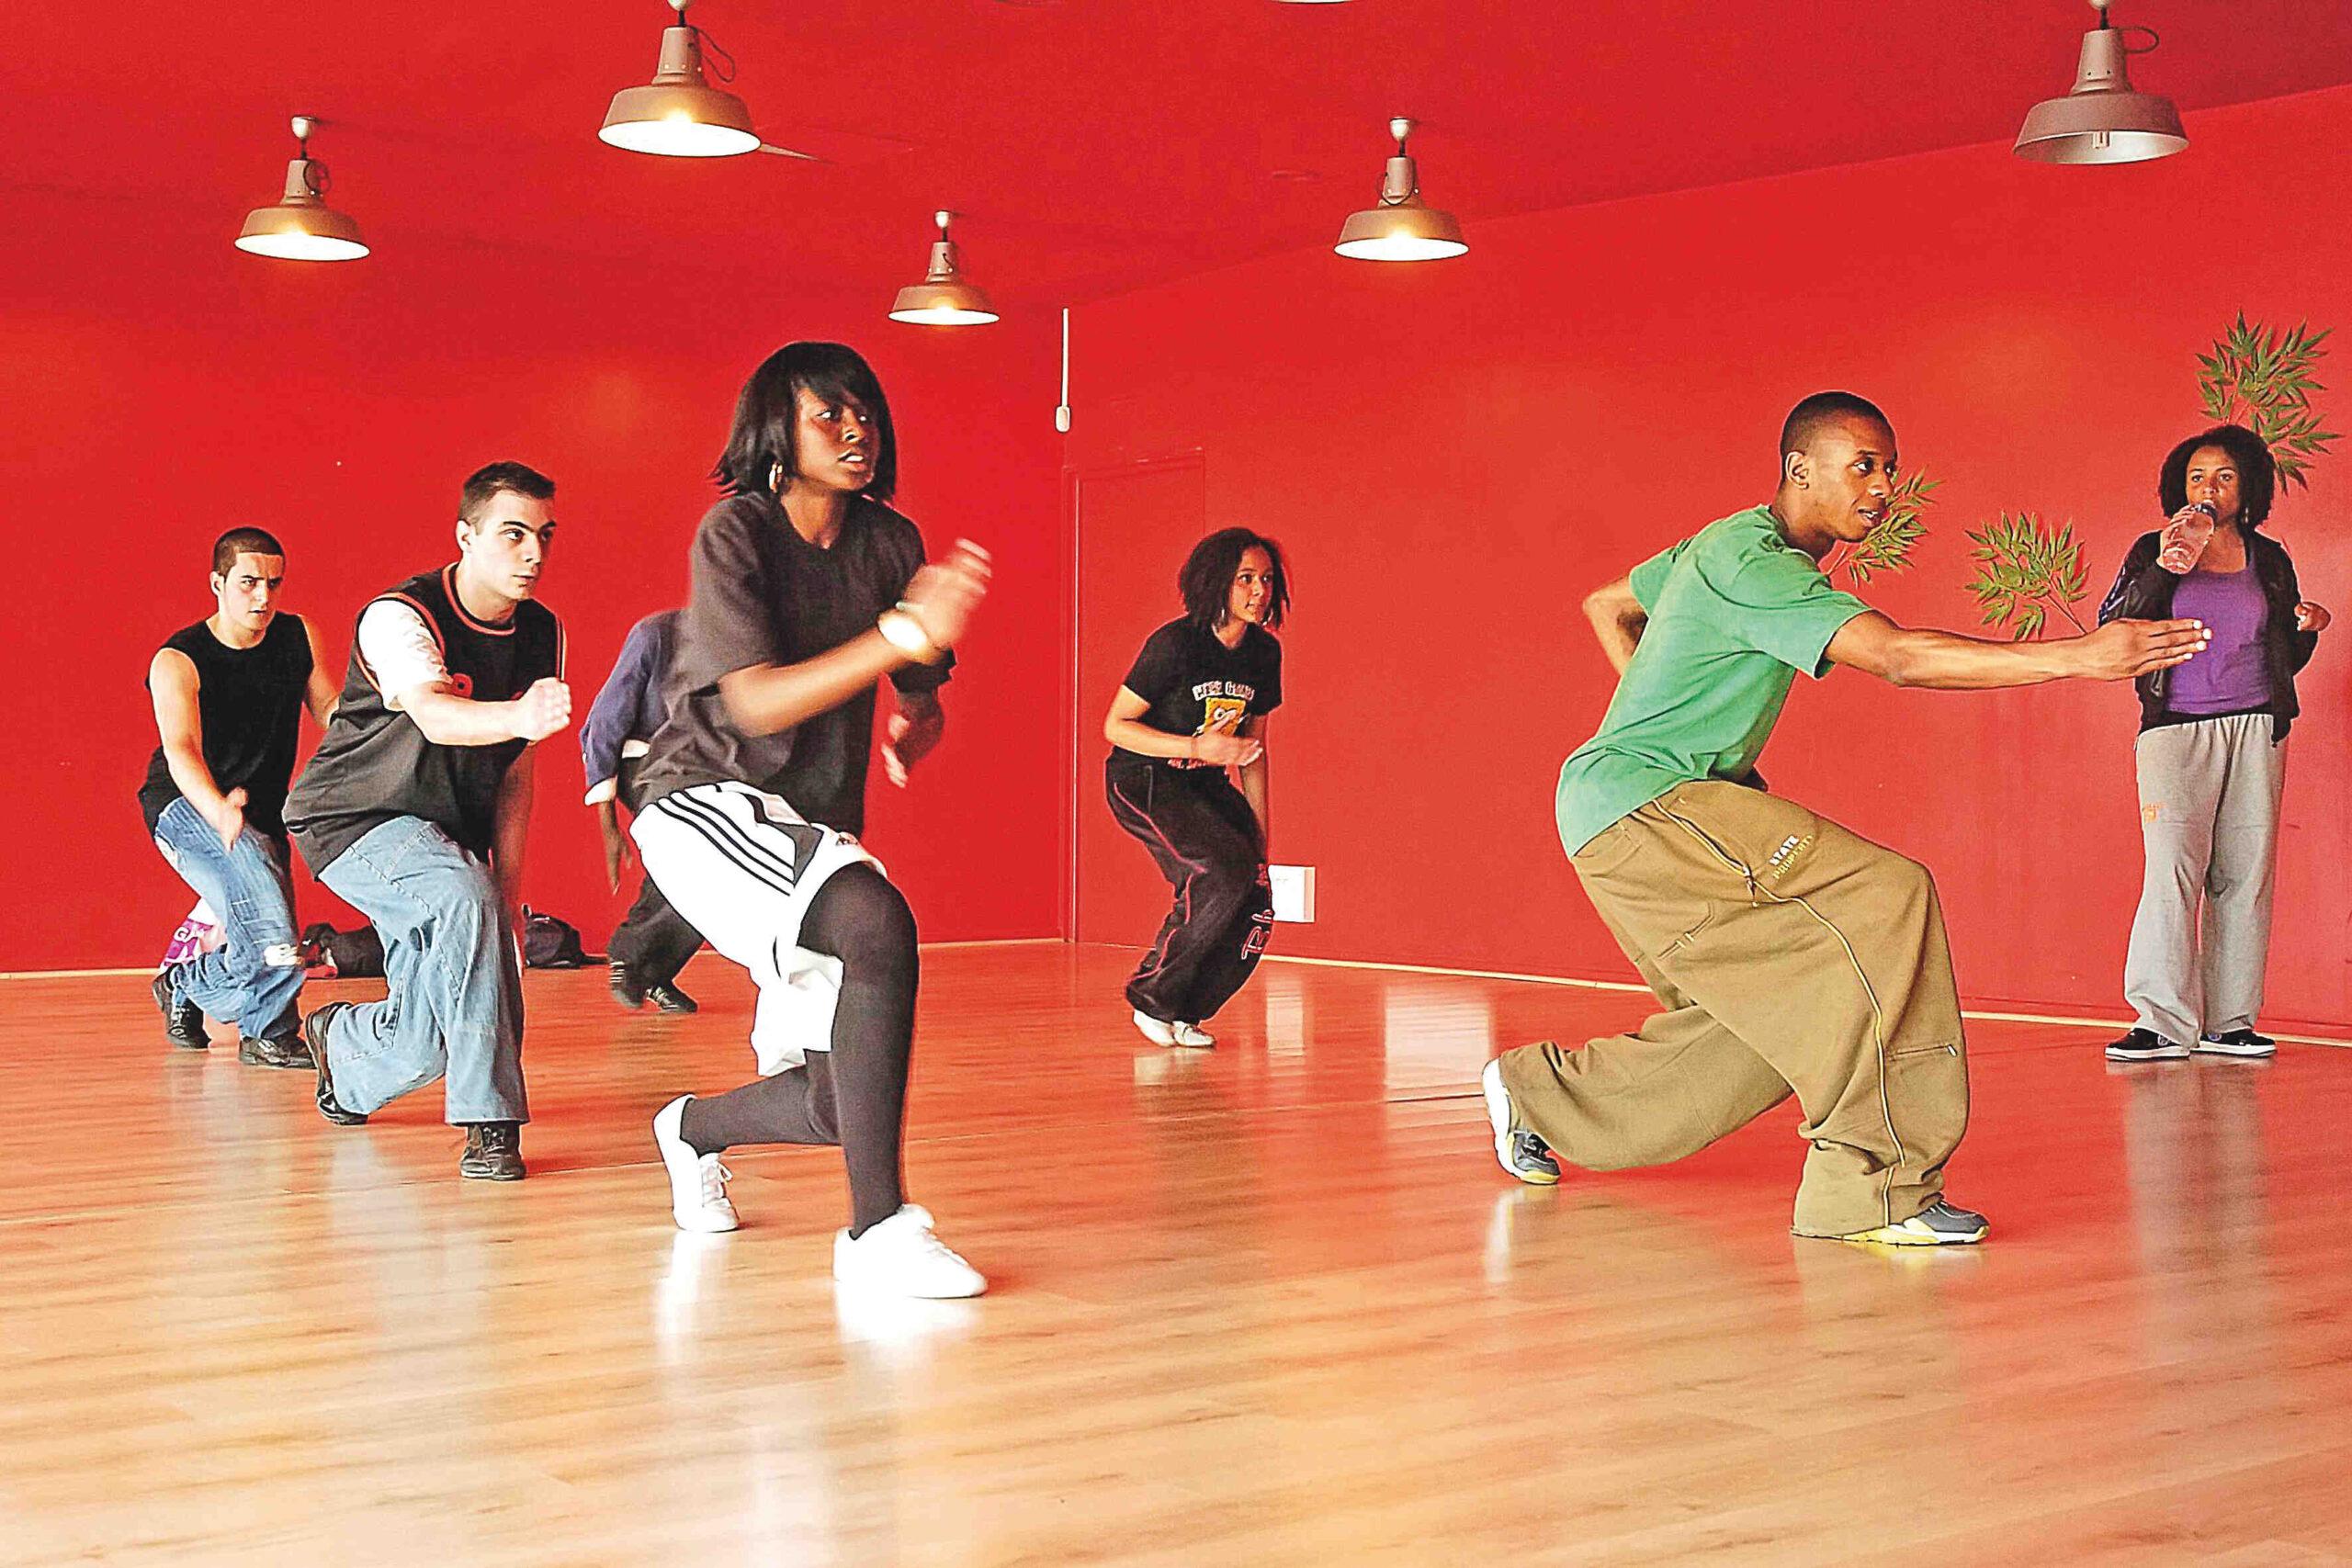 Comment progresser en danse hip-hop?